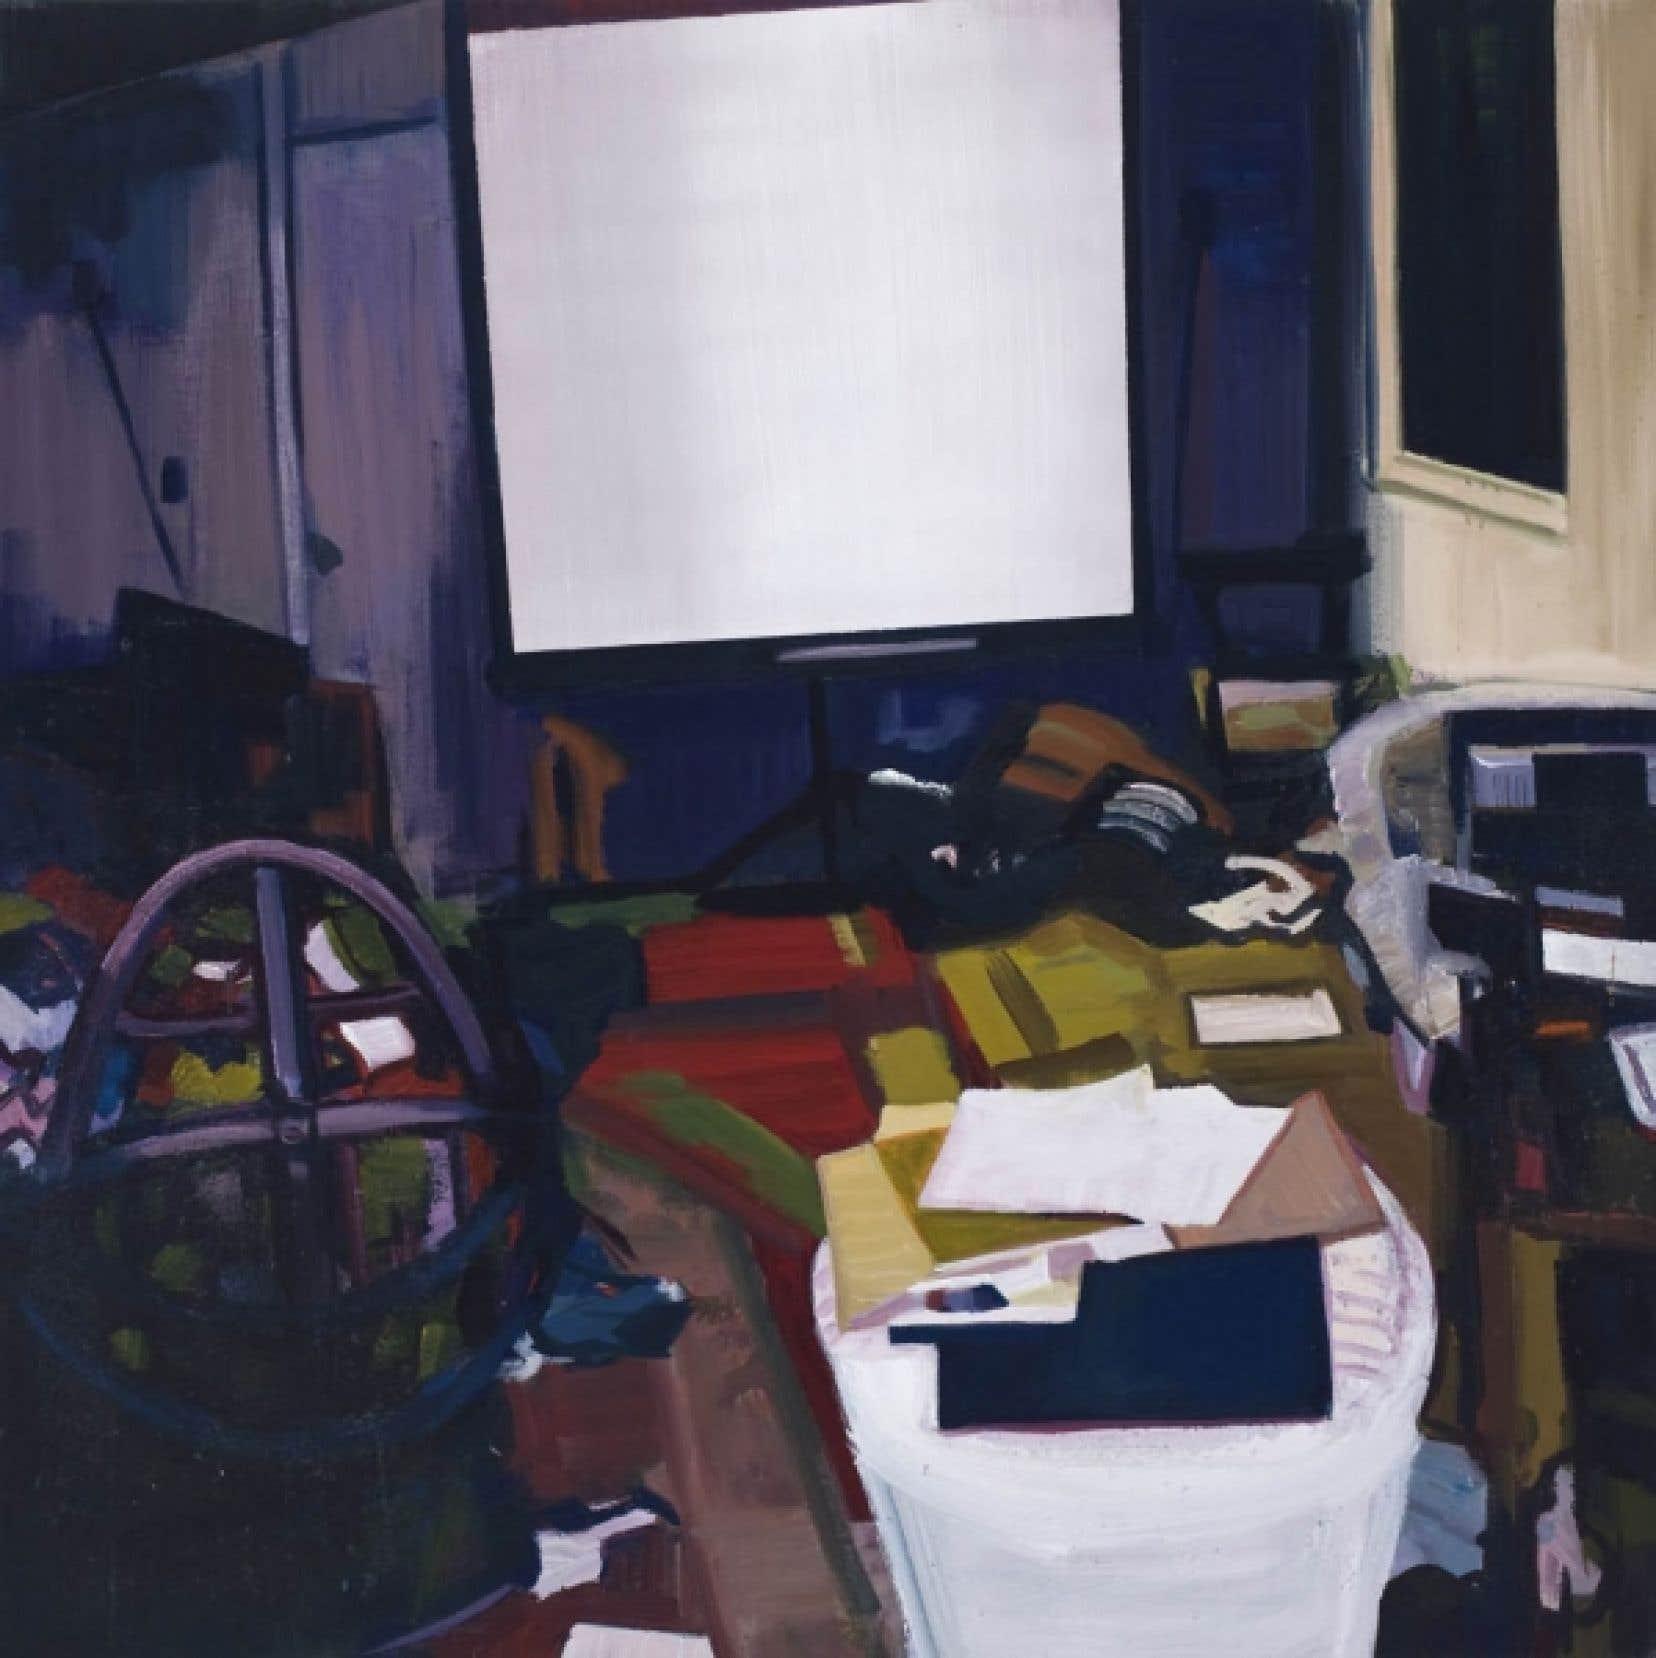 Chambre de visionnement porno (l'affaire Jaycee Lee Dugard), 2008, de Christine Major